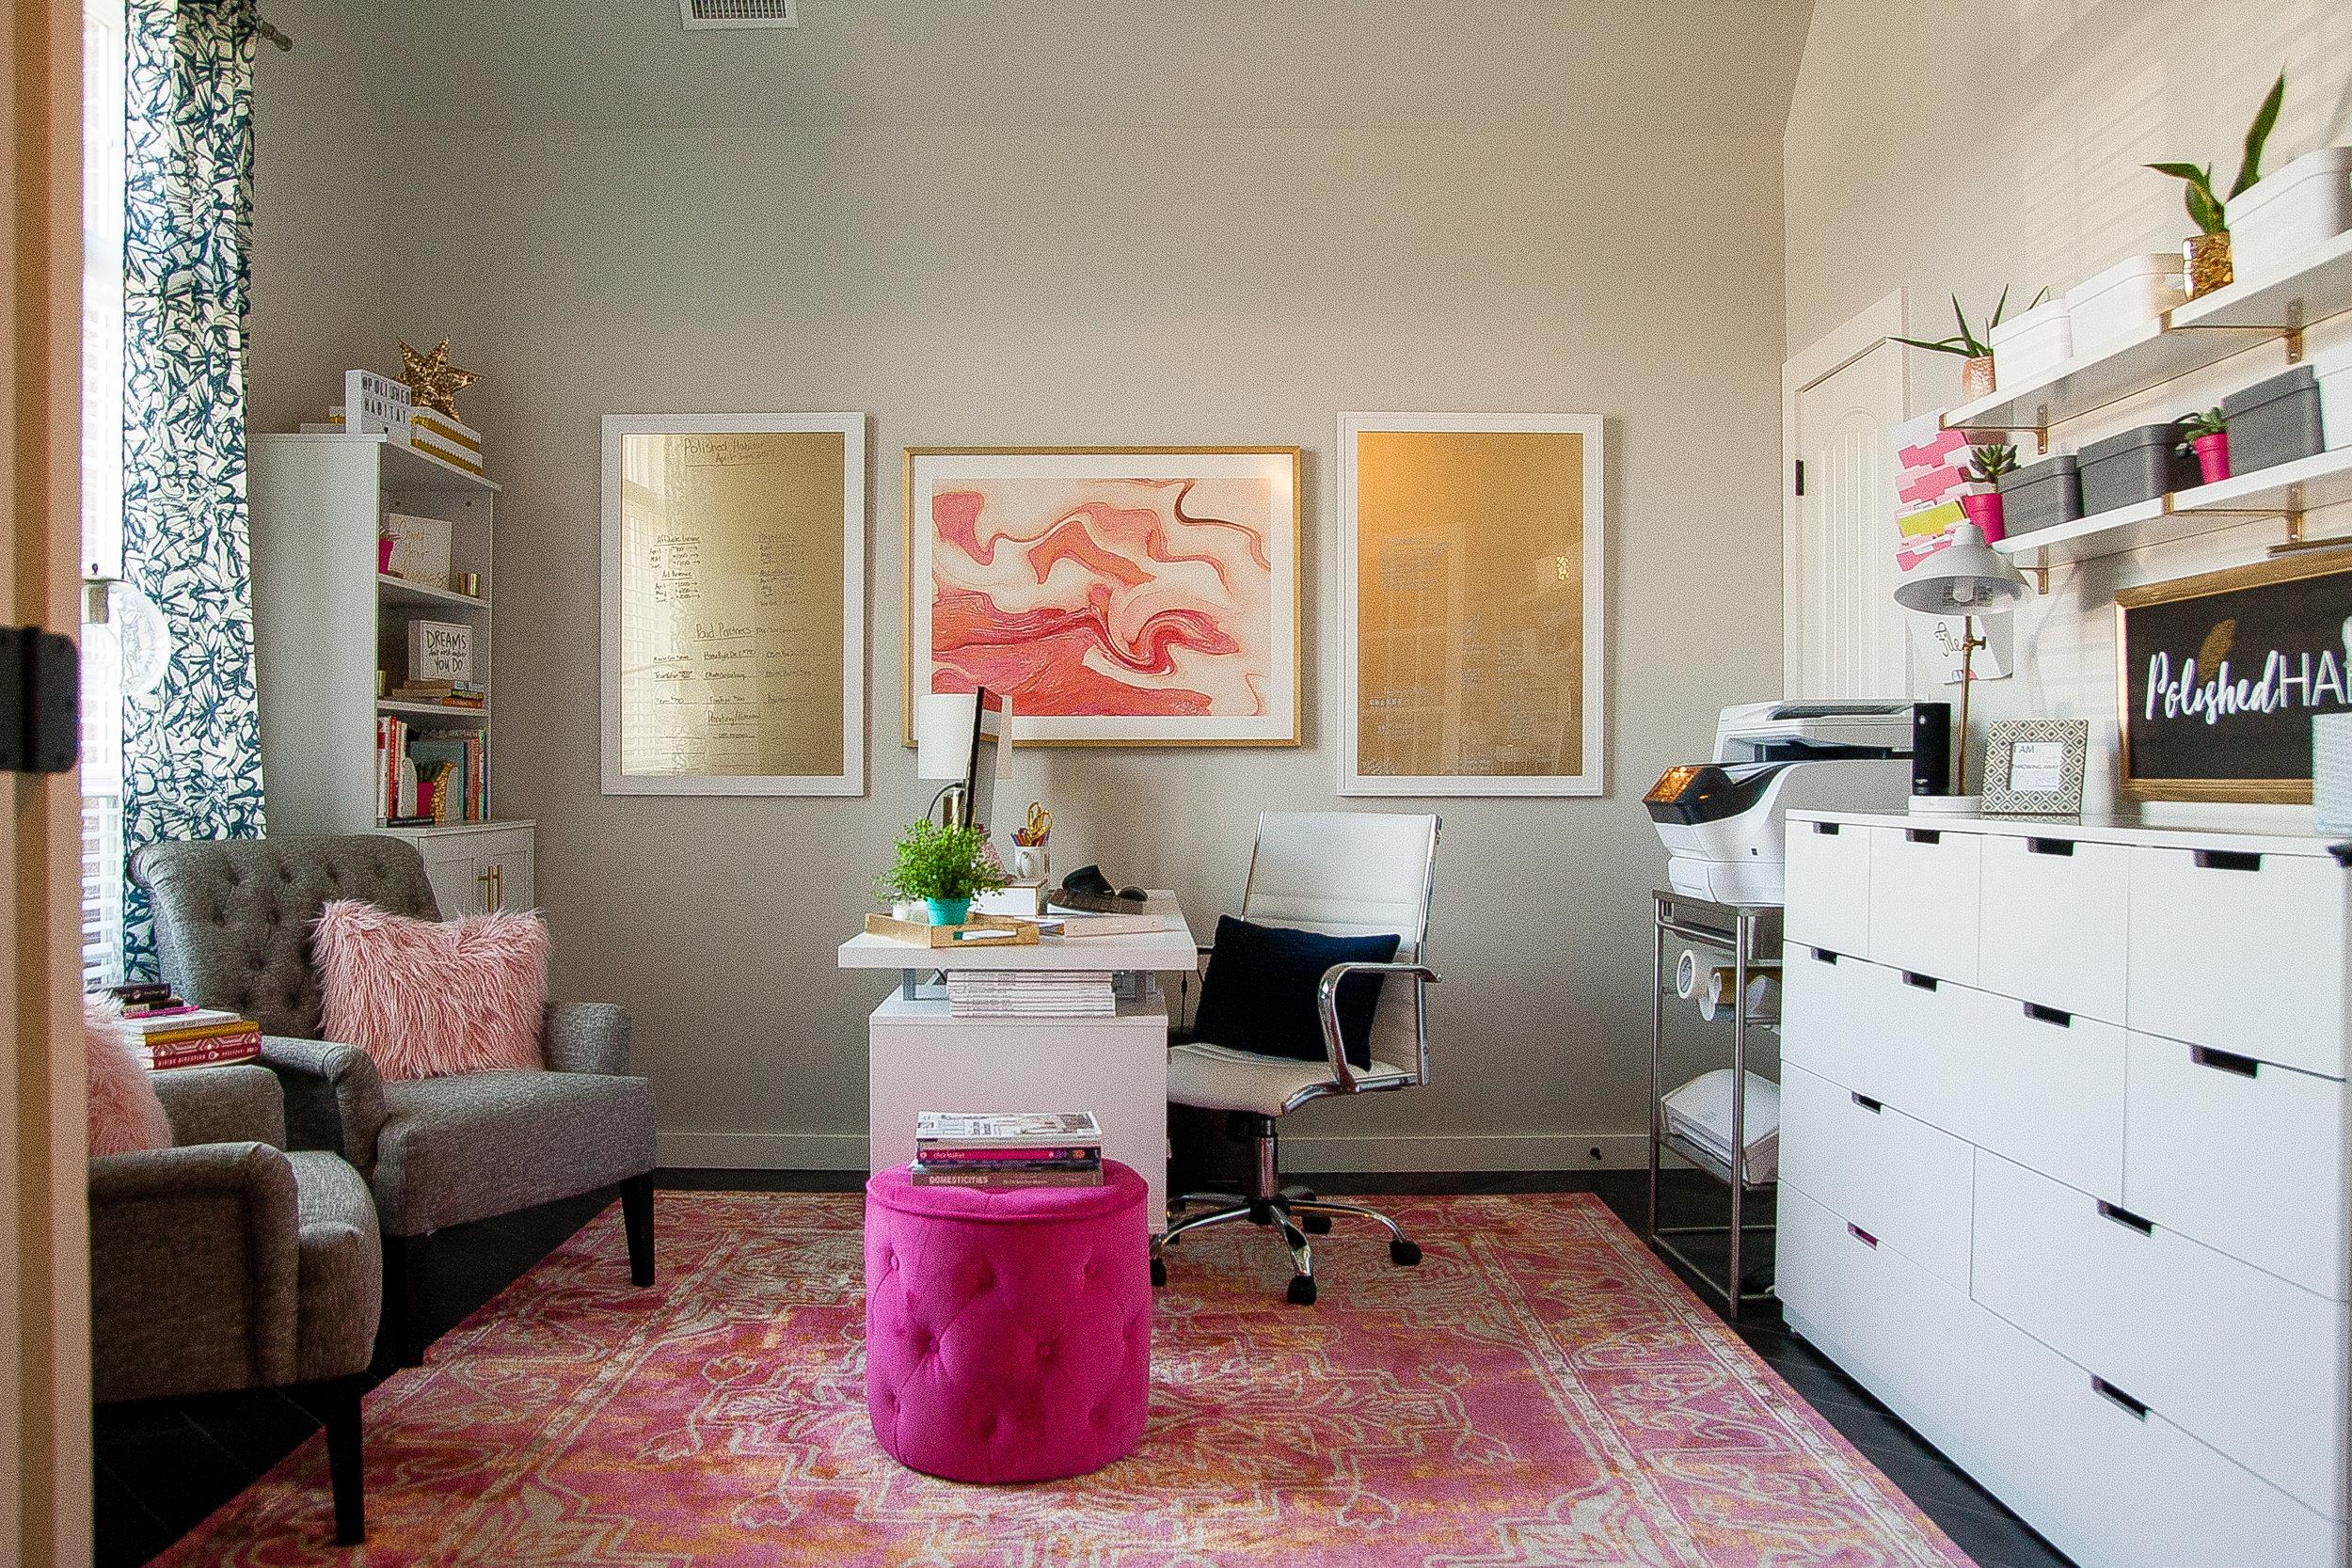 polished habitat office 2